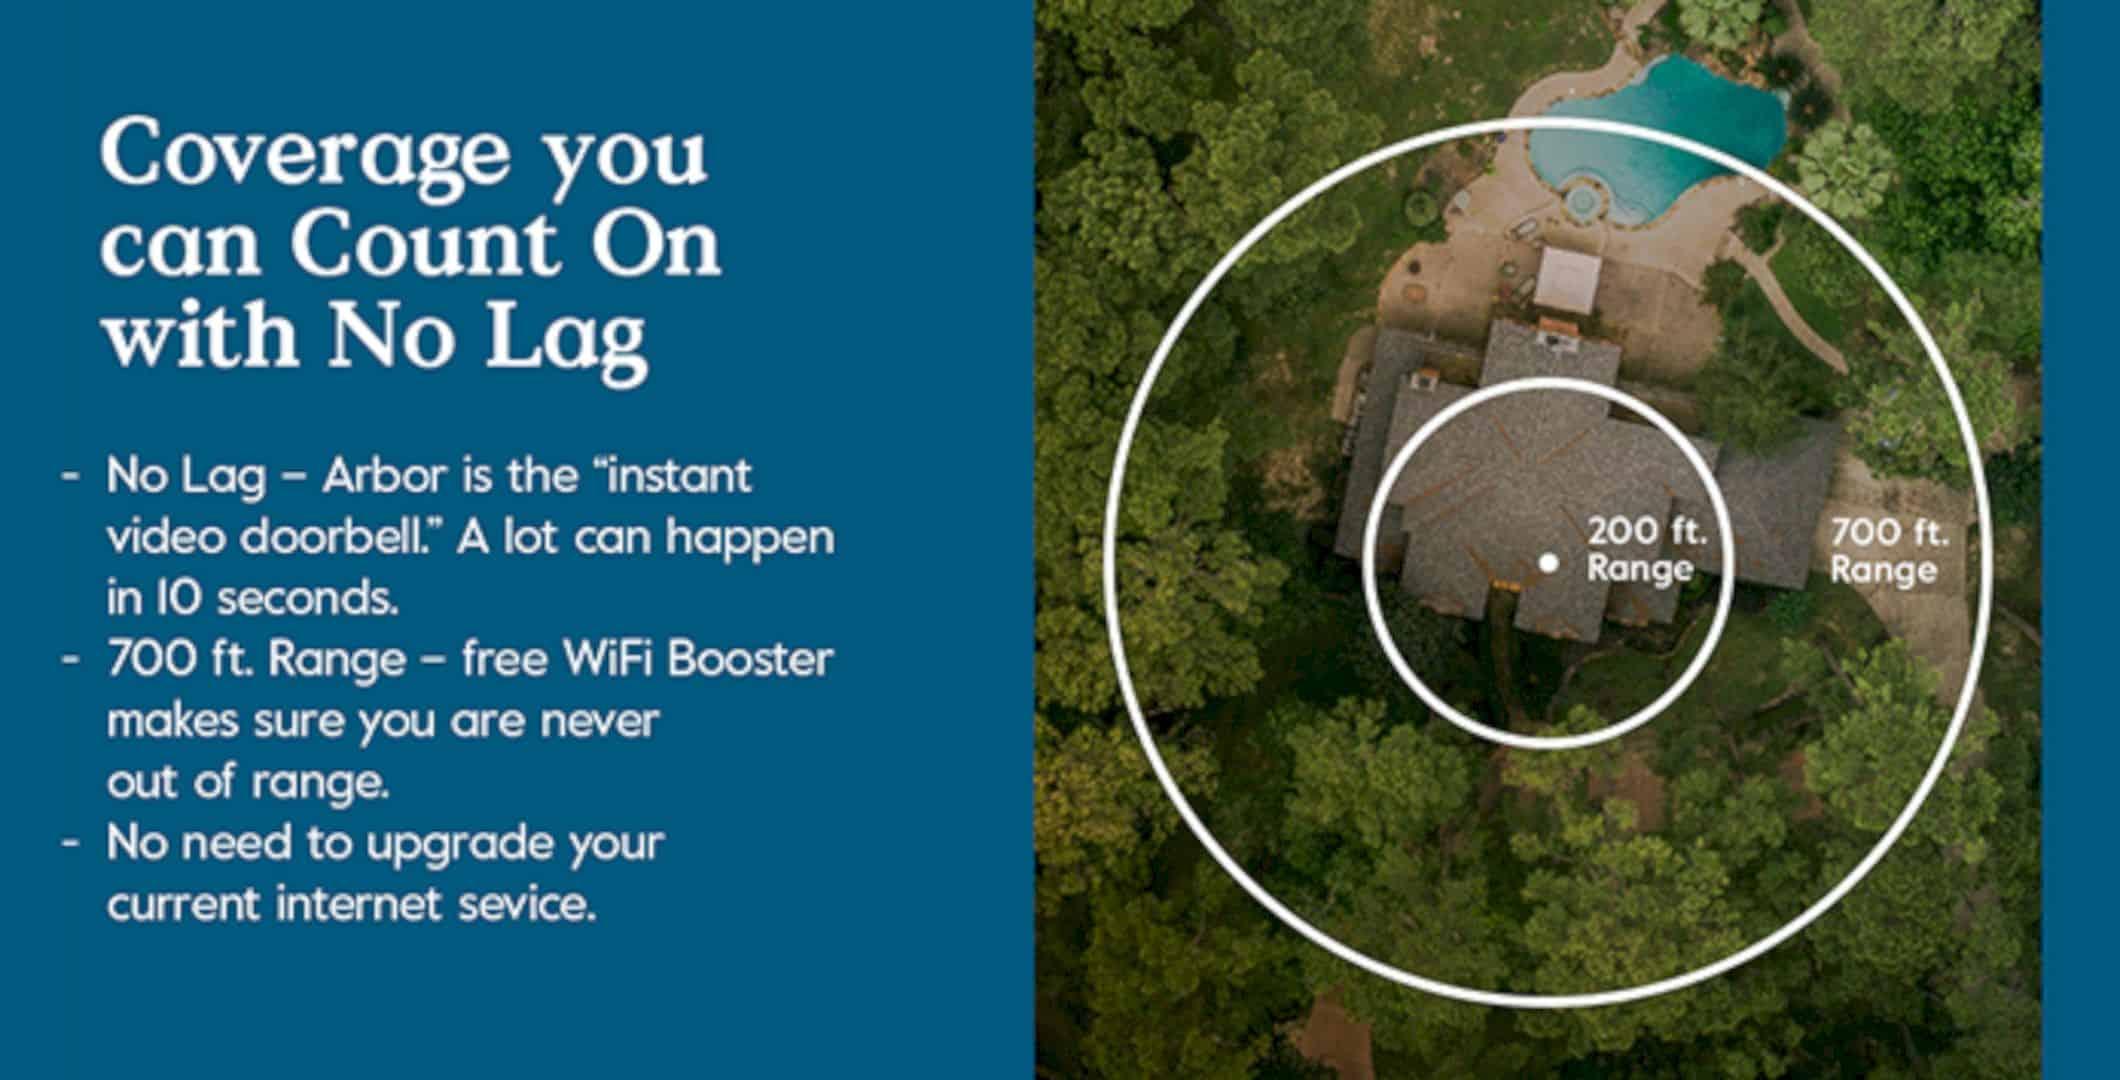 The Arbor Instant Video Doorbell 7